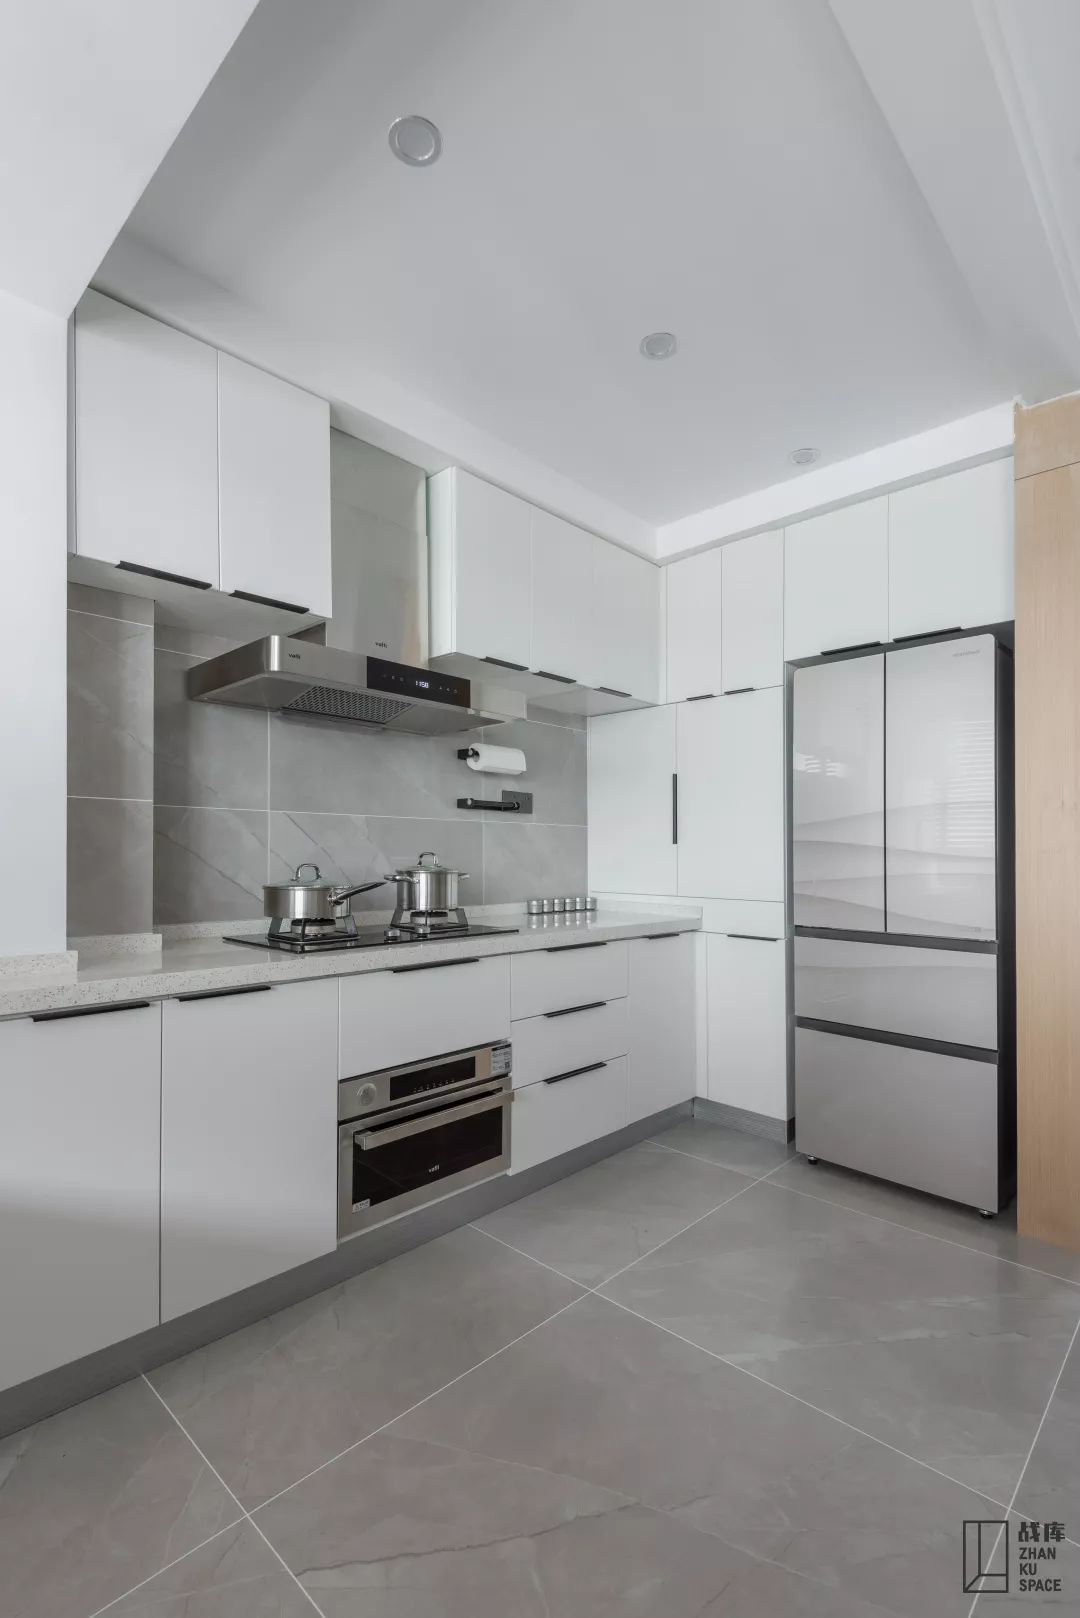 130㎡现代风格厨房装修效果图